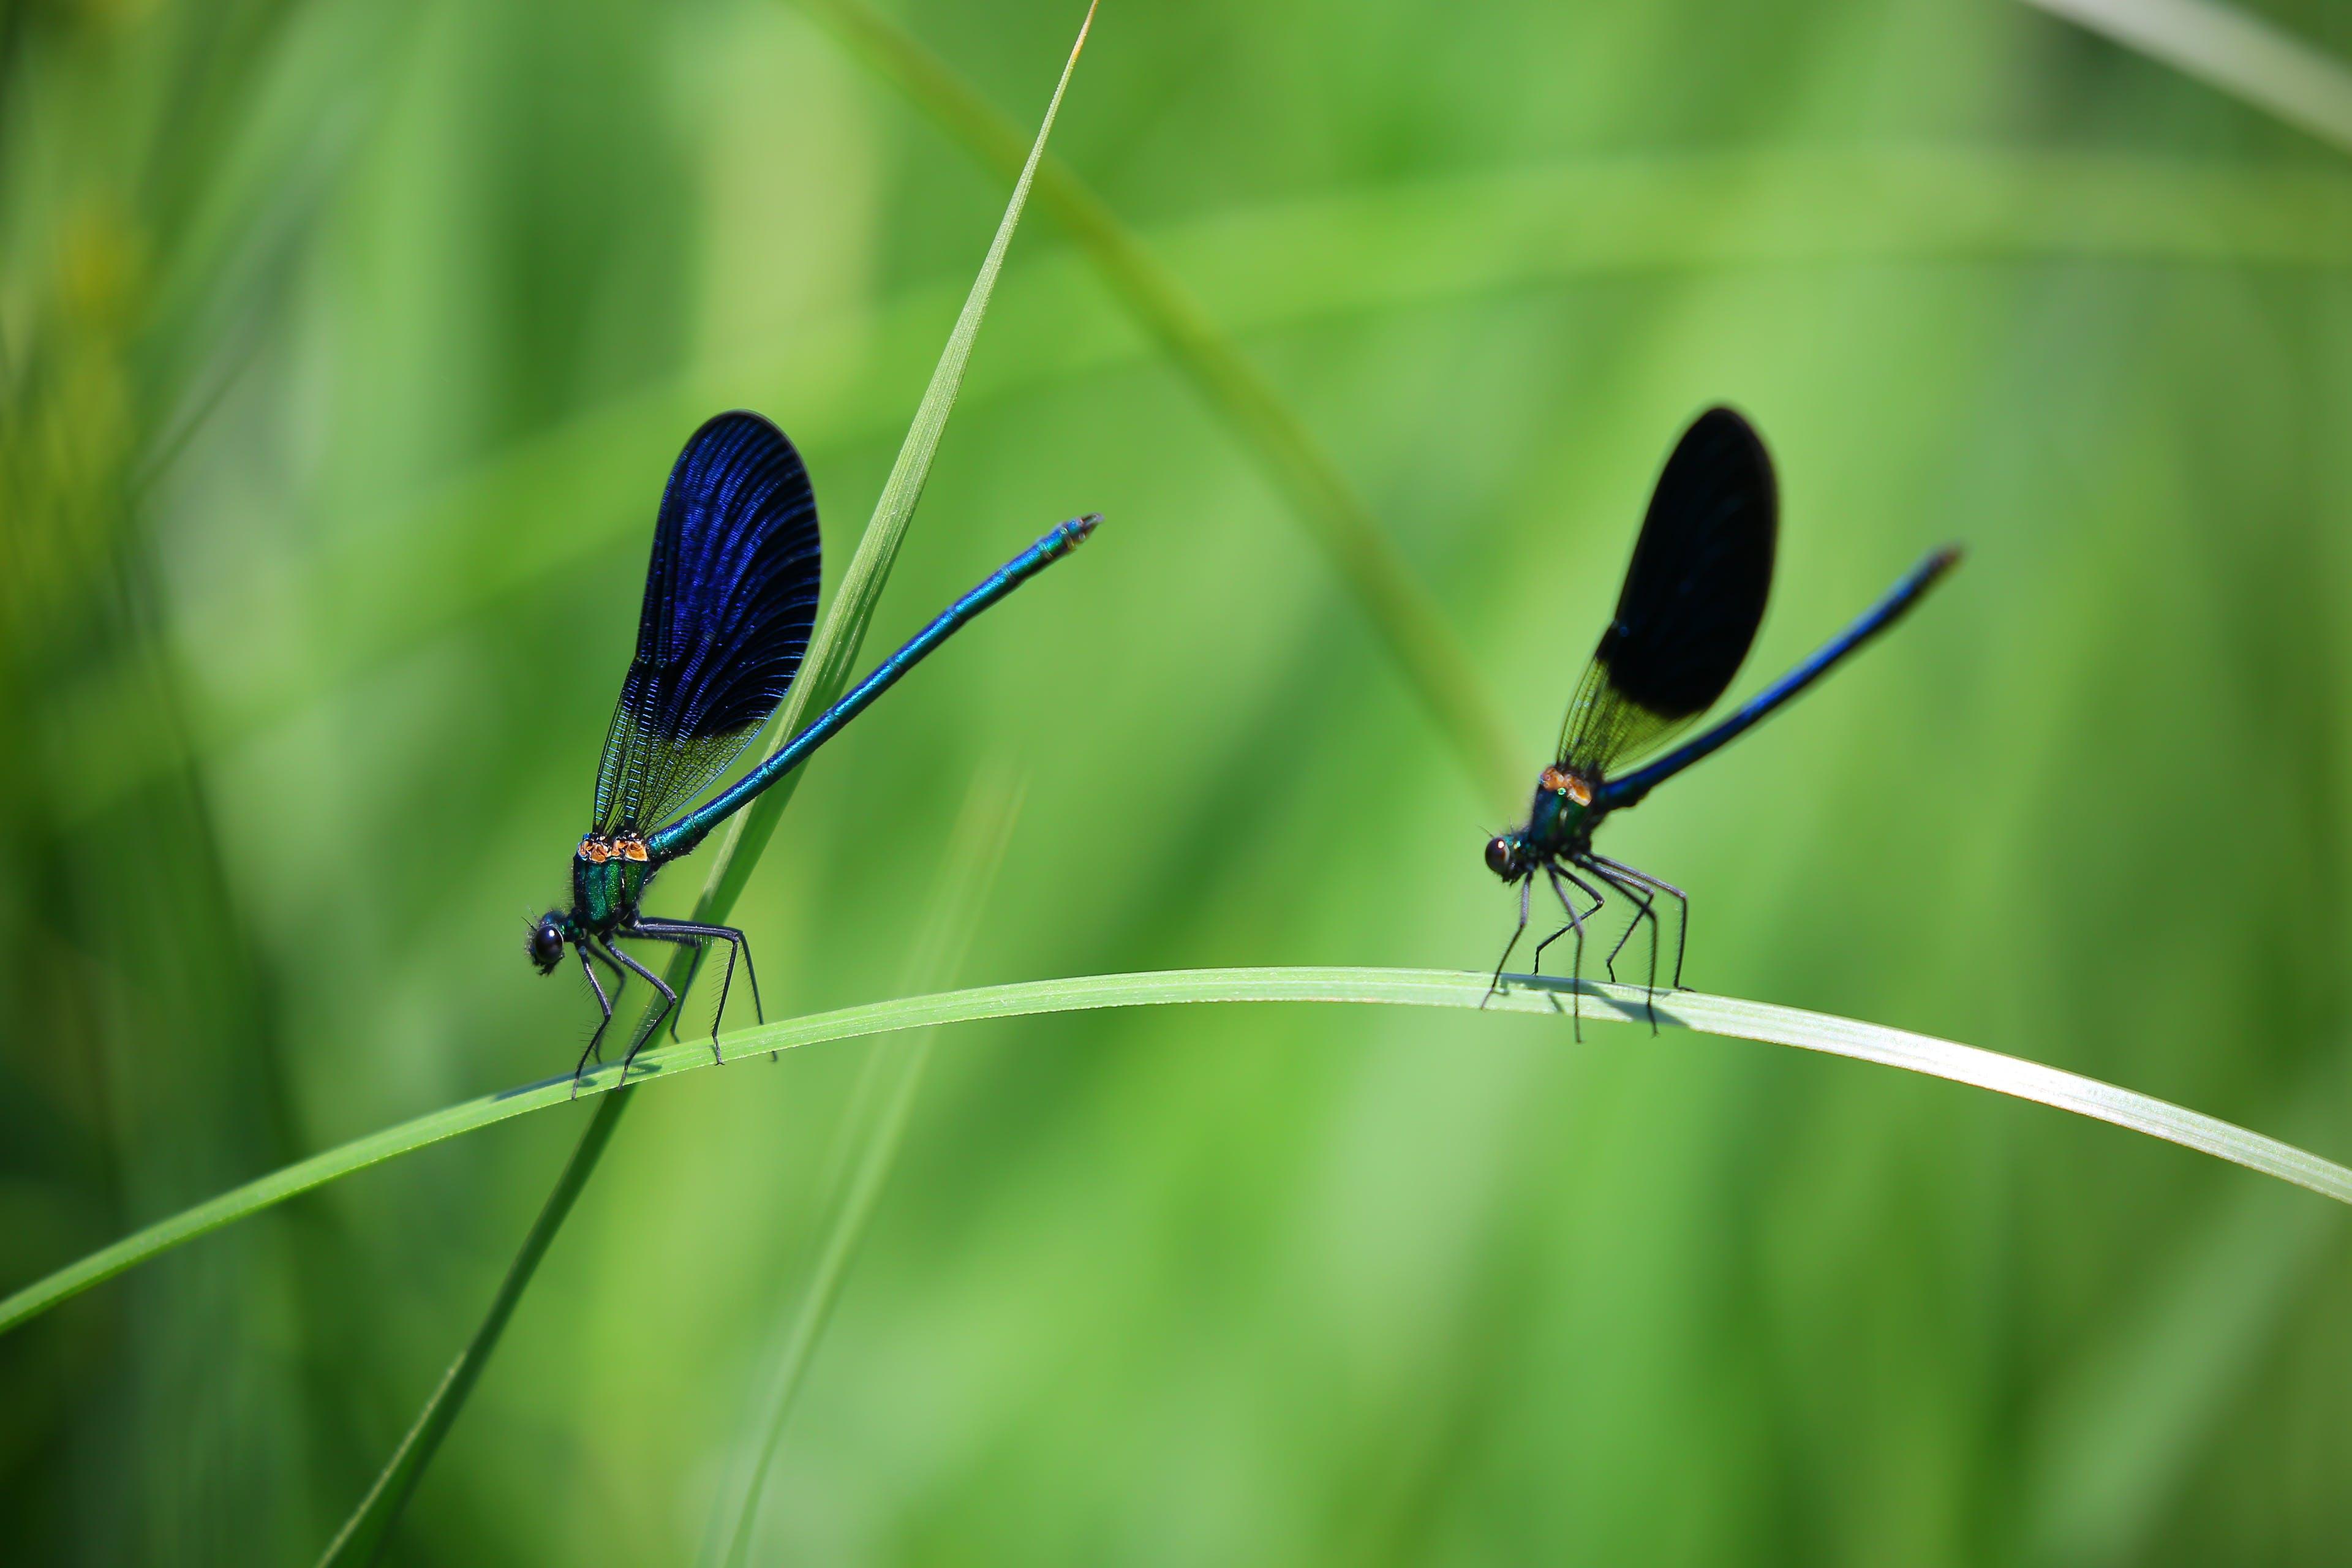 곤충, 매크로, 잠자리, 클로즈 업의 무료 스톡 사진